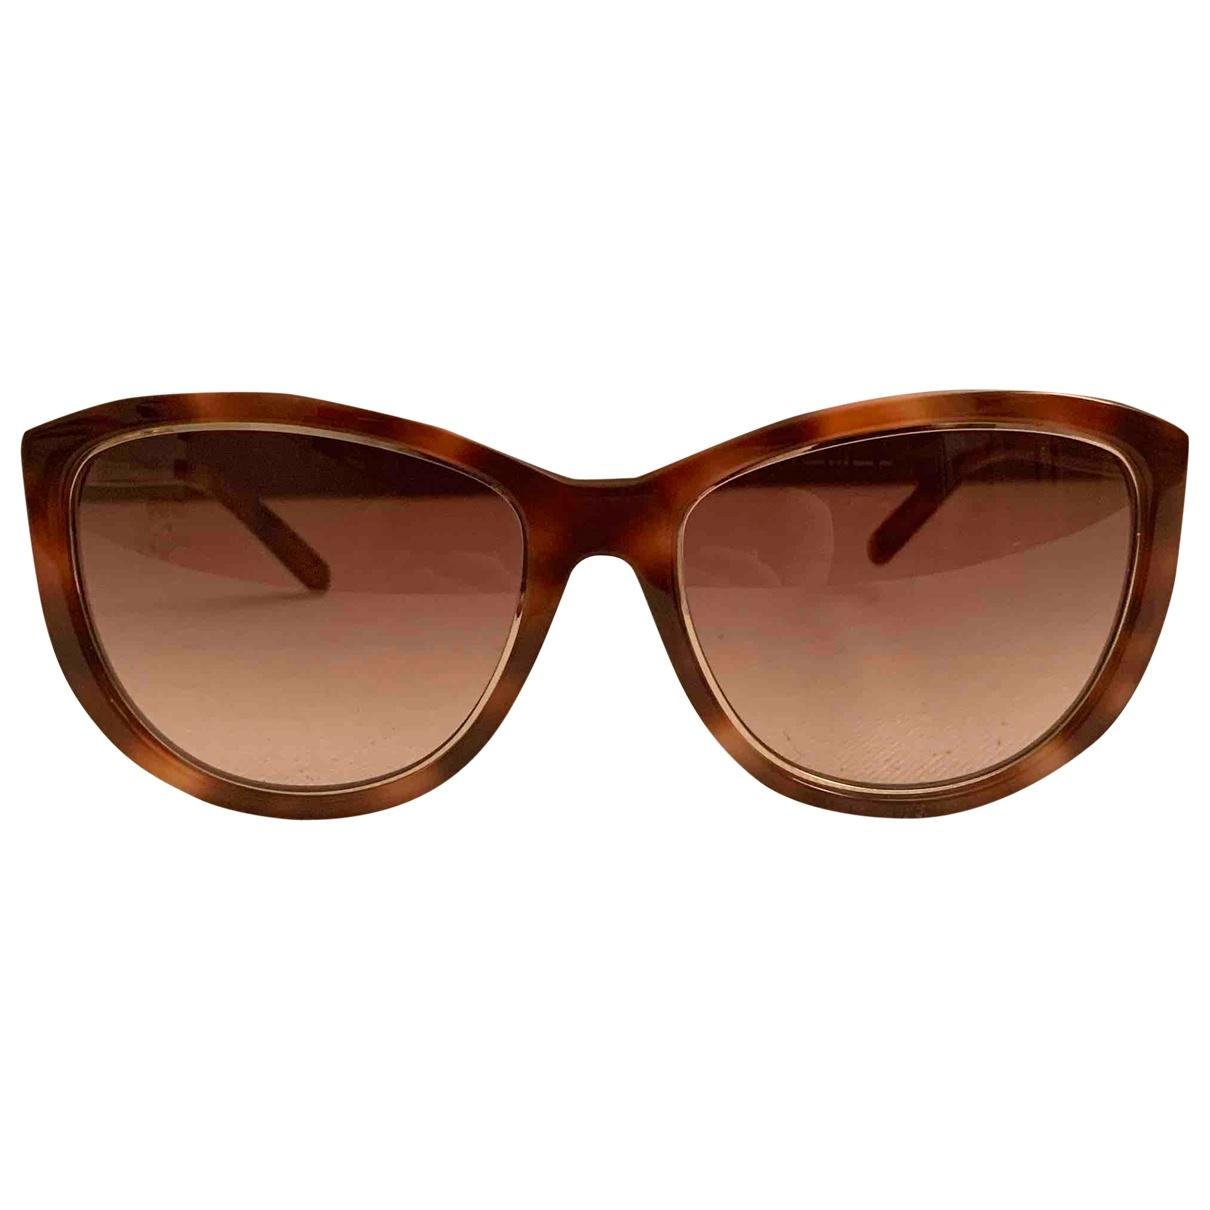 Tommy Hilfiger - Lunettes   pour femme - marron